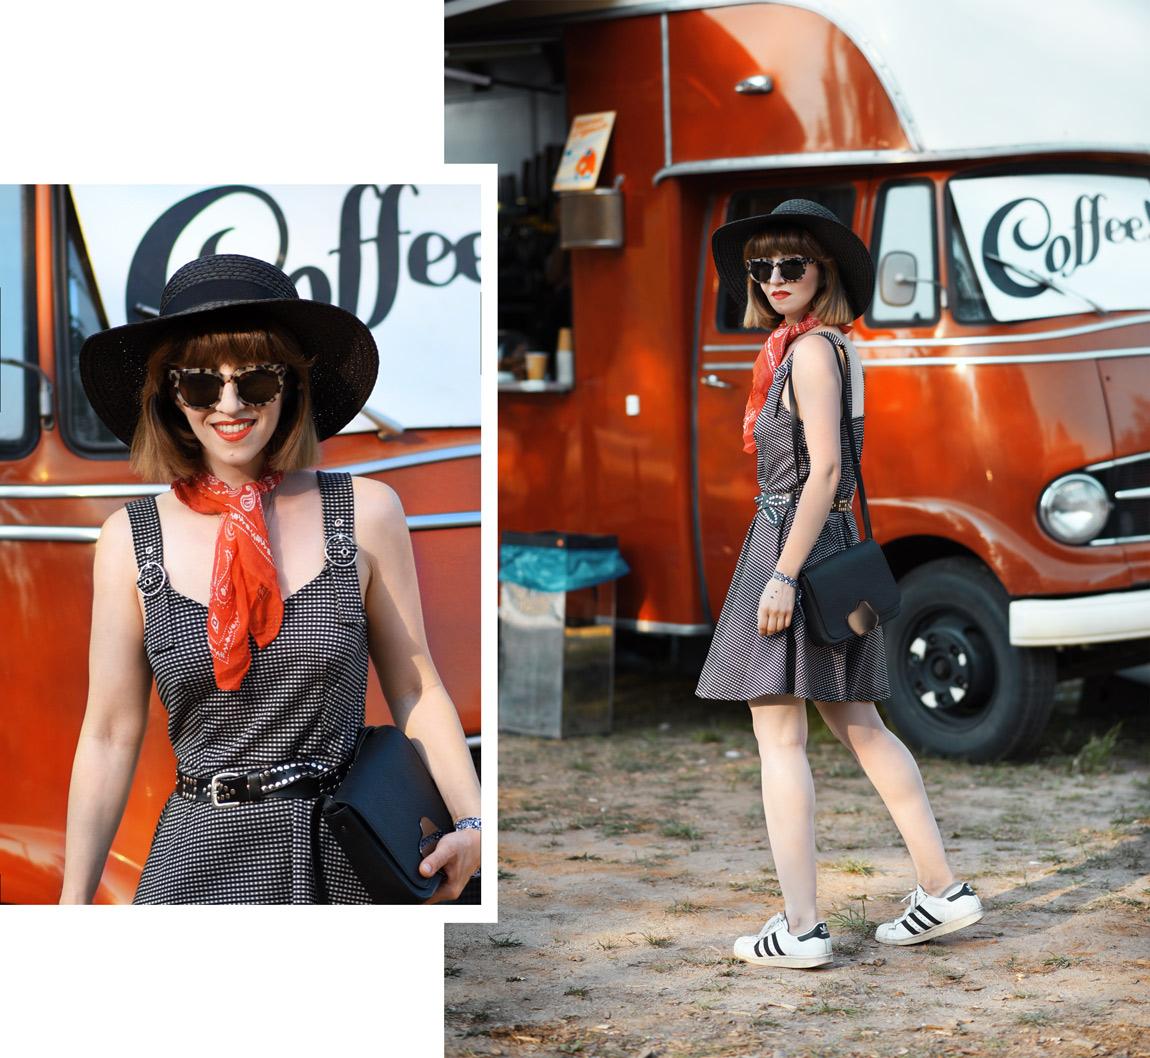 mini, kleid, festival, sommer, orange, berlin, fashionblogger, modeblogger, streetstyle, ootd, inspiration, outfit, hut, skaterdress